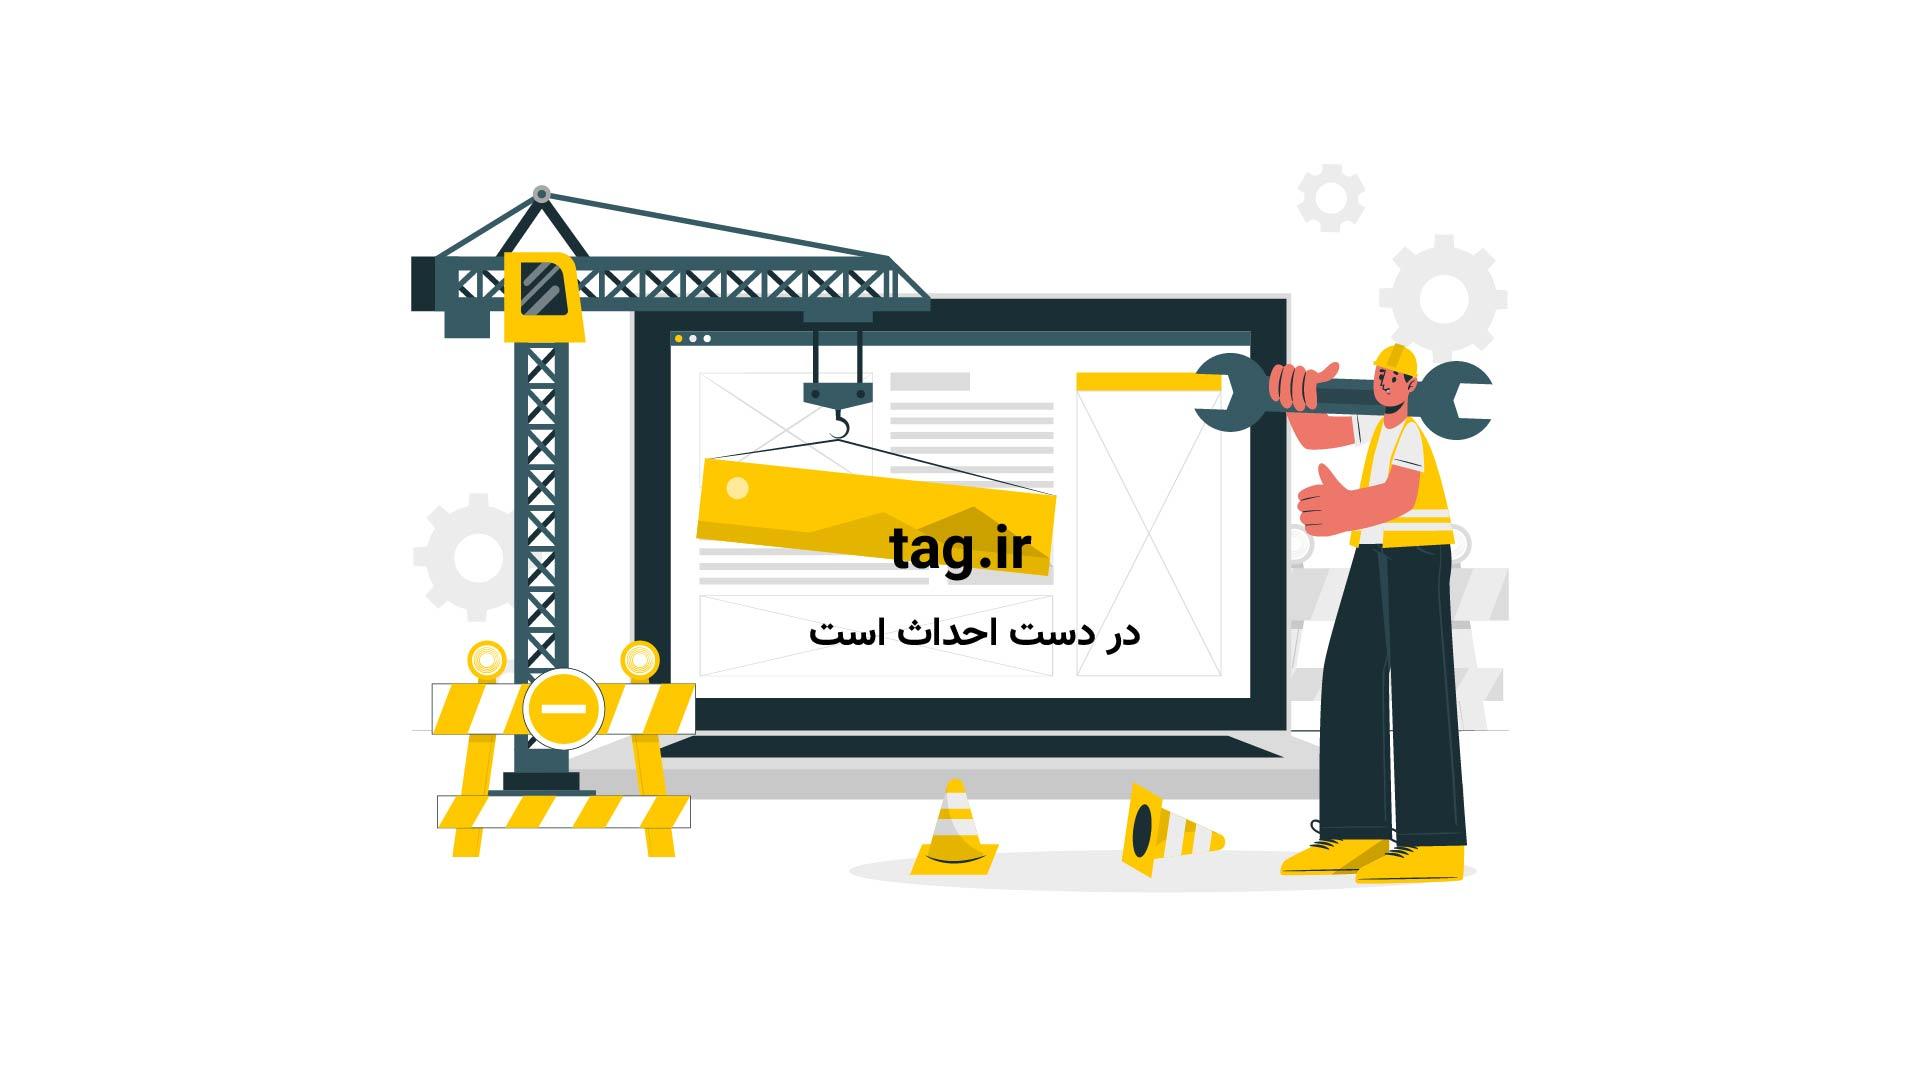 عناوین روزنامههای صبح دوشنبه 24 آبان | فیلم